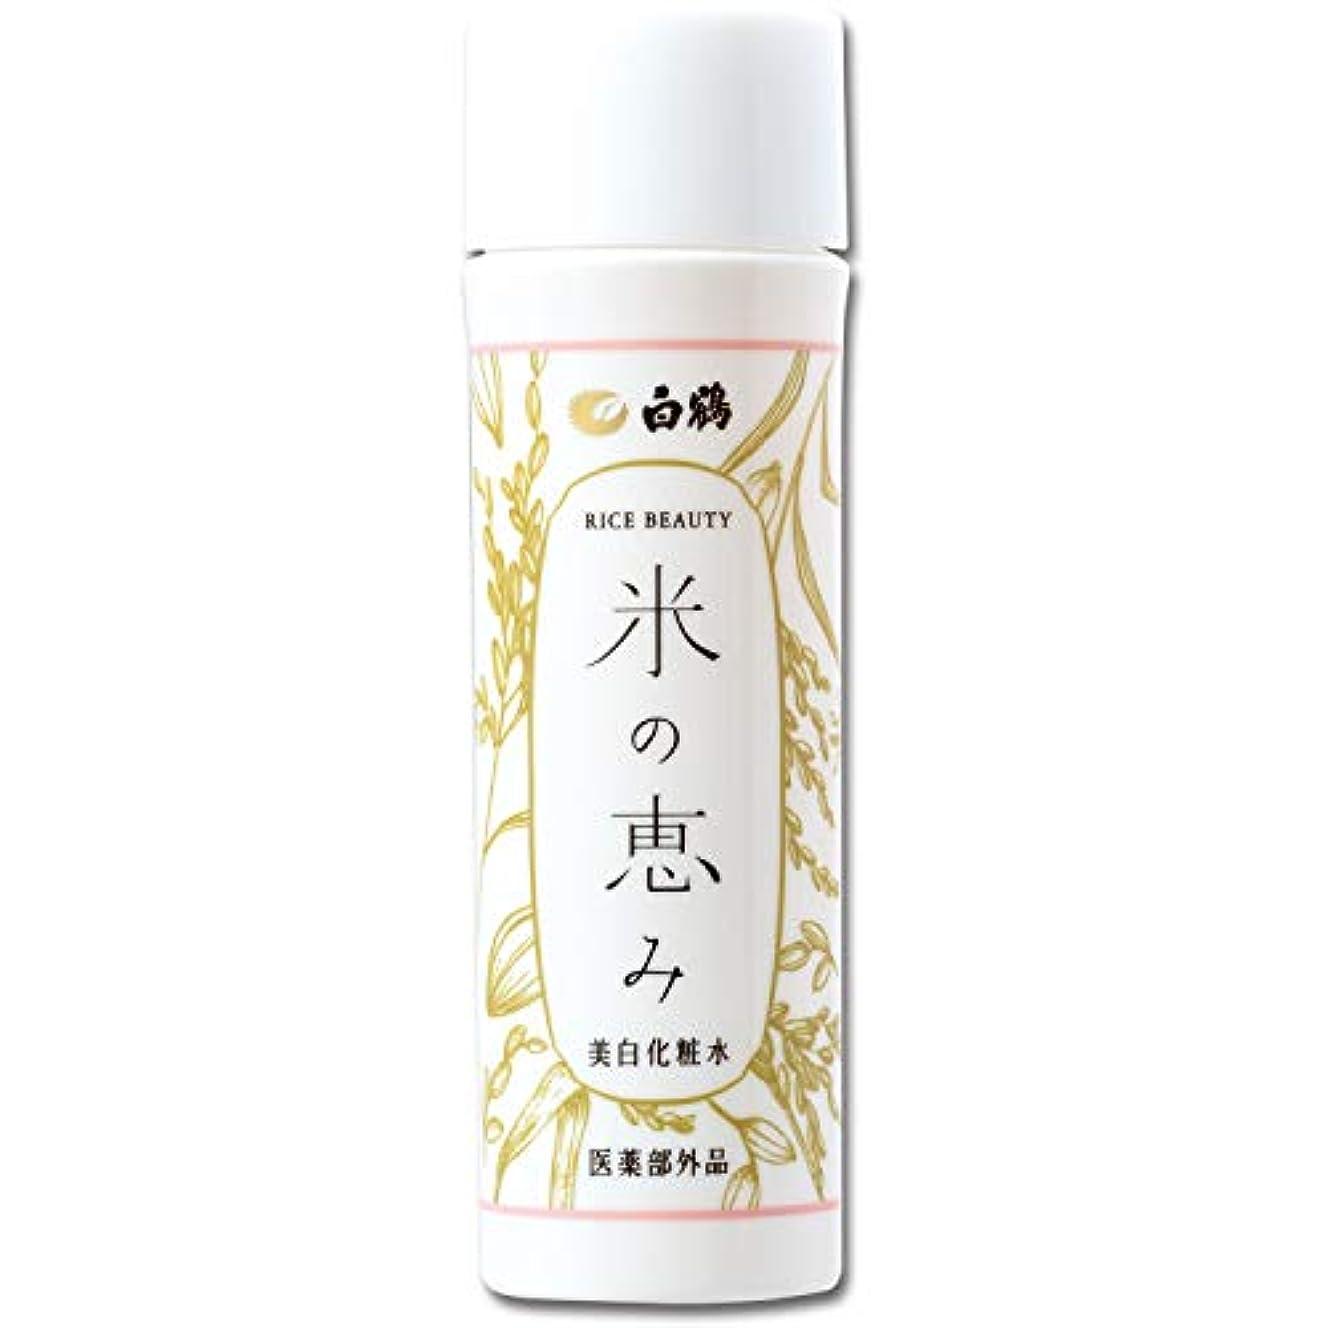 お風呂将来の寝室を掃除するライスビューティー 米の恵み 美白化粧水 150ml 医薬部外品